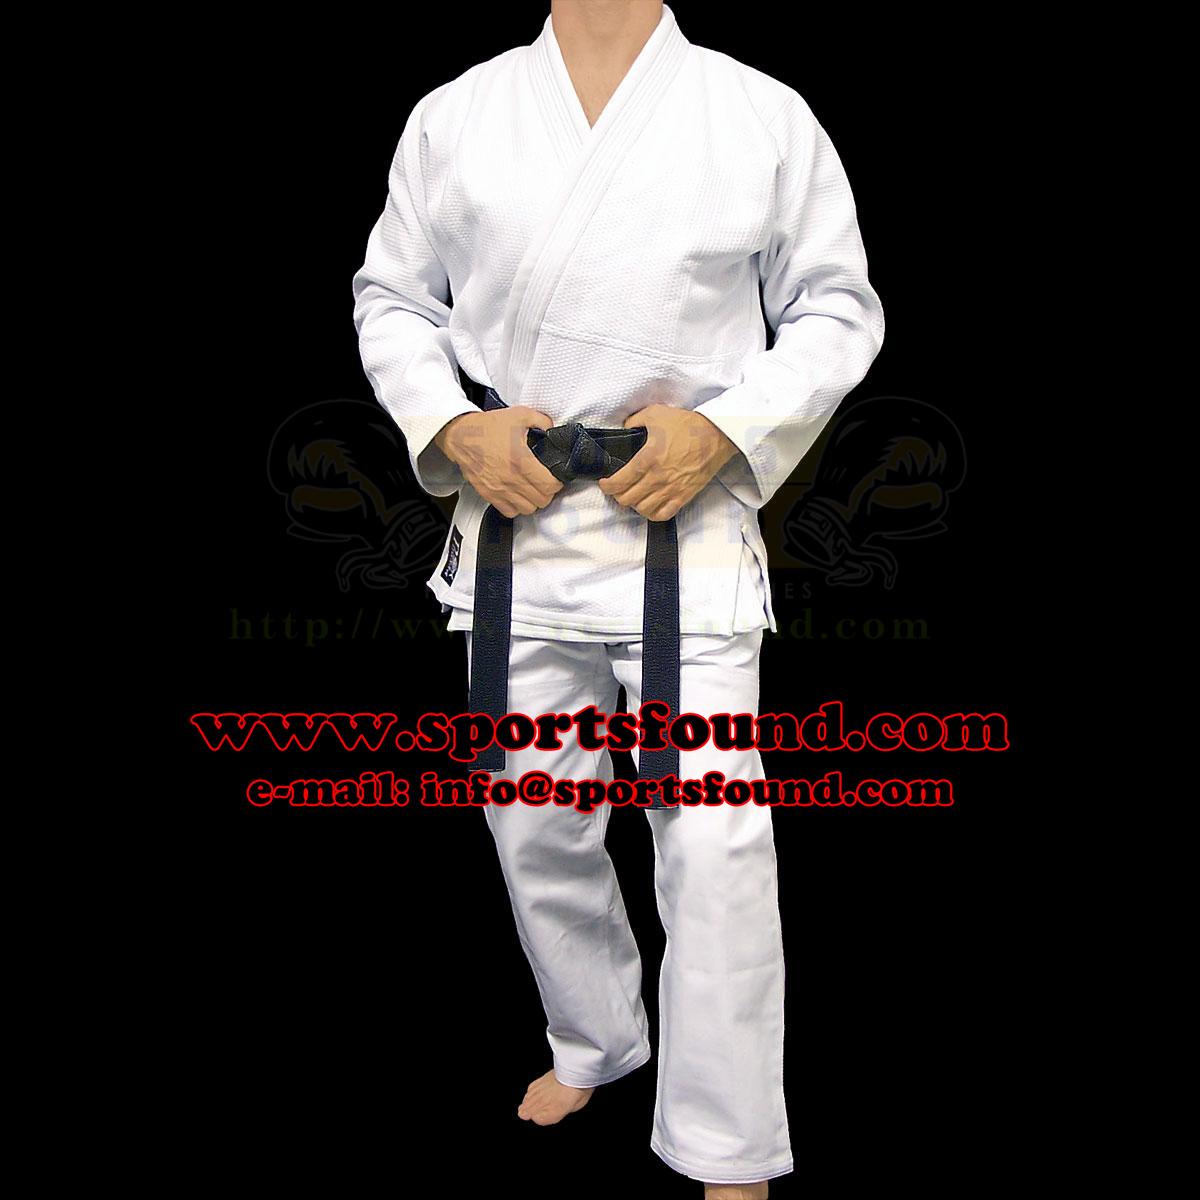 Double Weave Brazilian Jiu Jitsu Gi 94